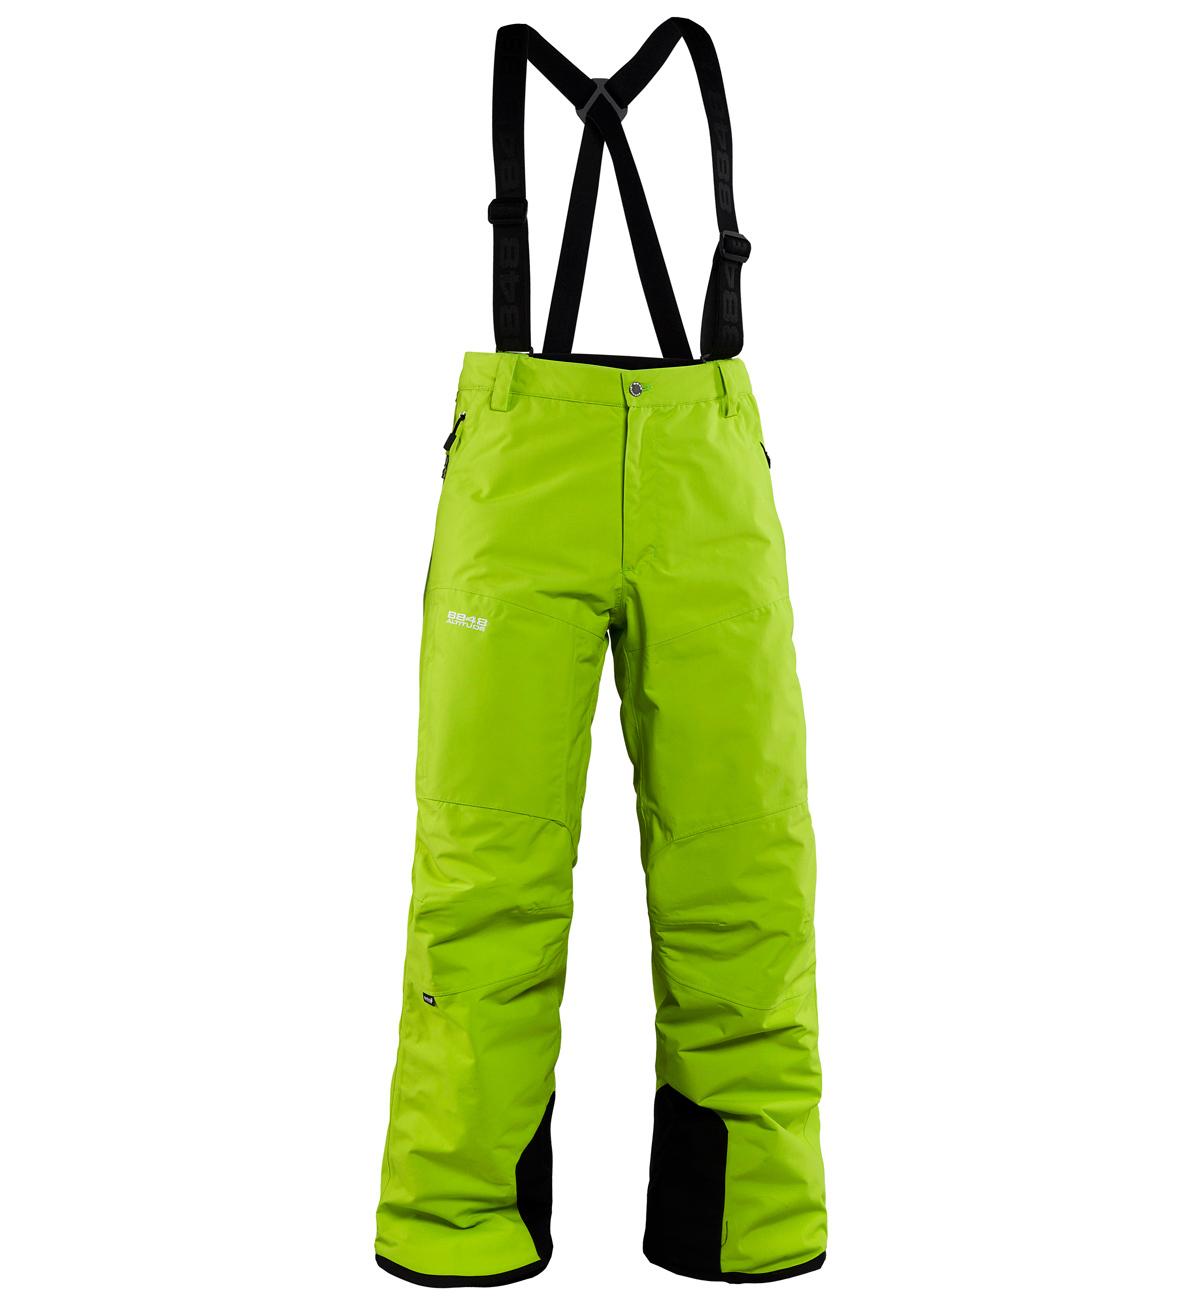 Брюки горнолыжные 8848 Altitude ZIG мужские Lime